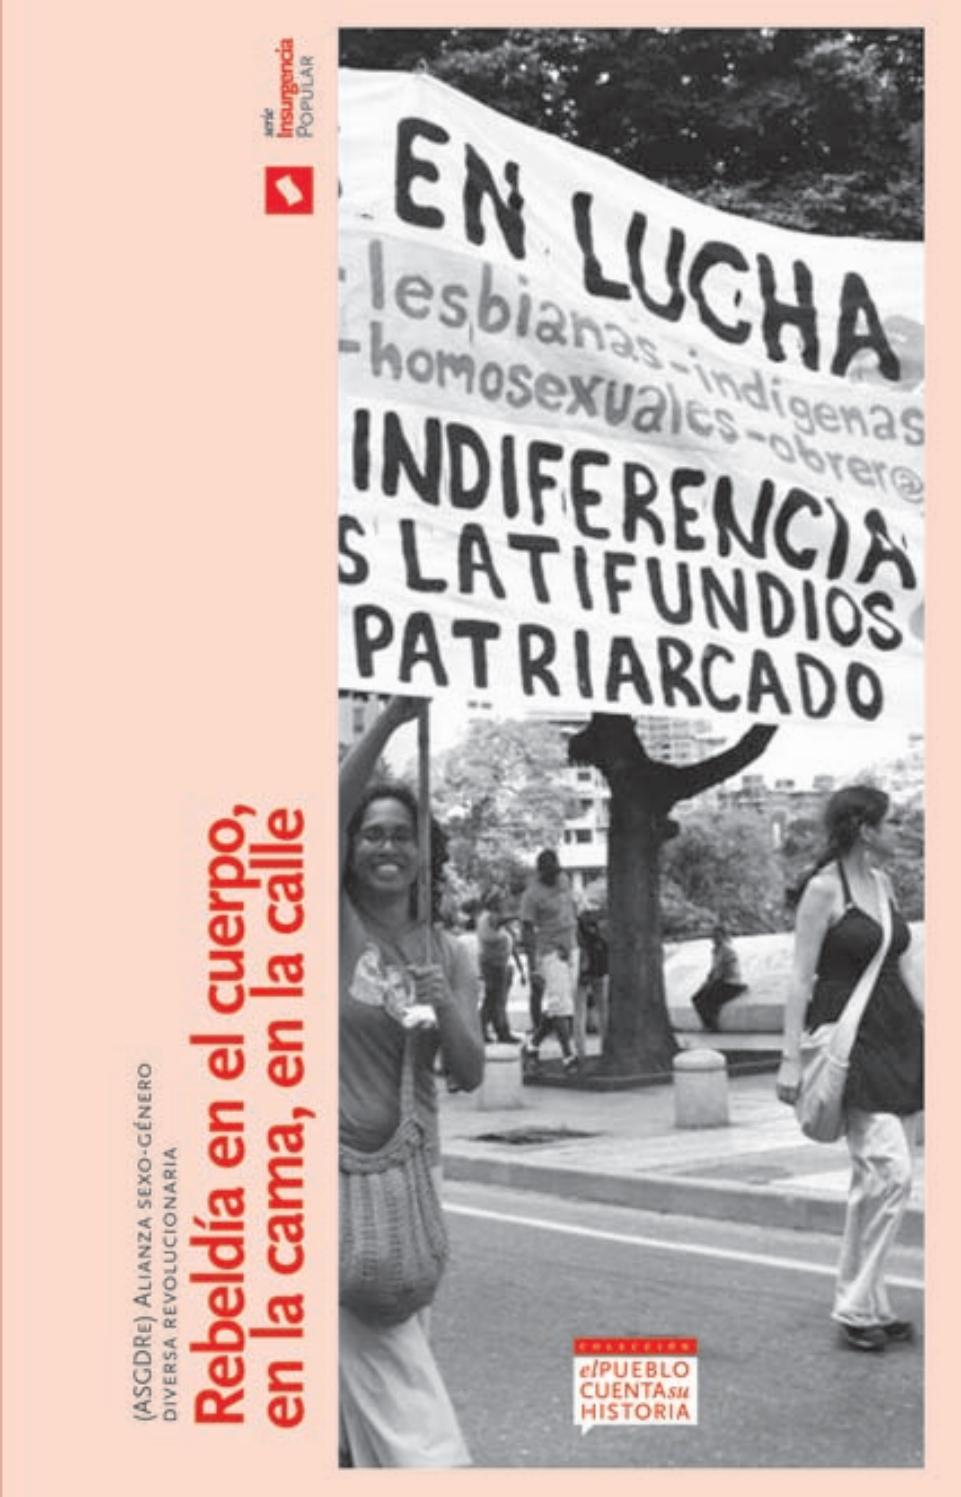 Cagadas Y Peos Videos Porno rebeldía en el cuerpo, en la cama, en la calle. asgdre. 2013